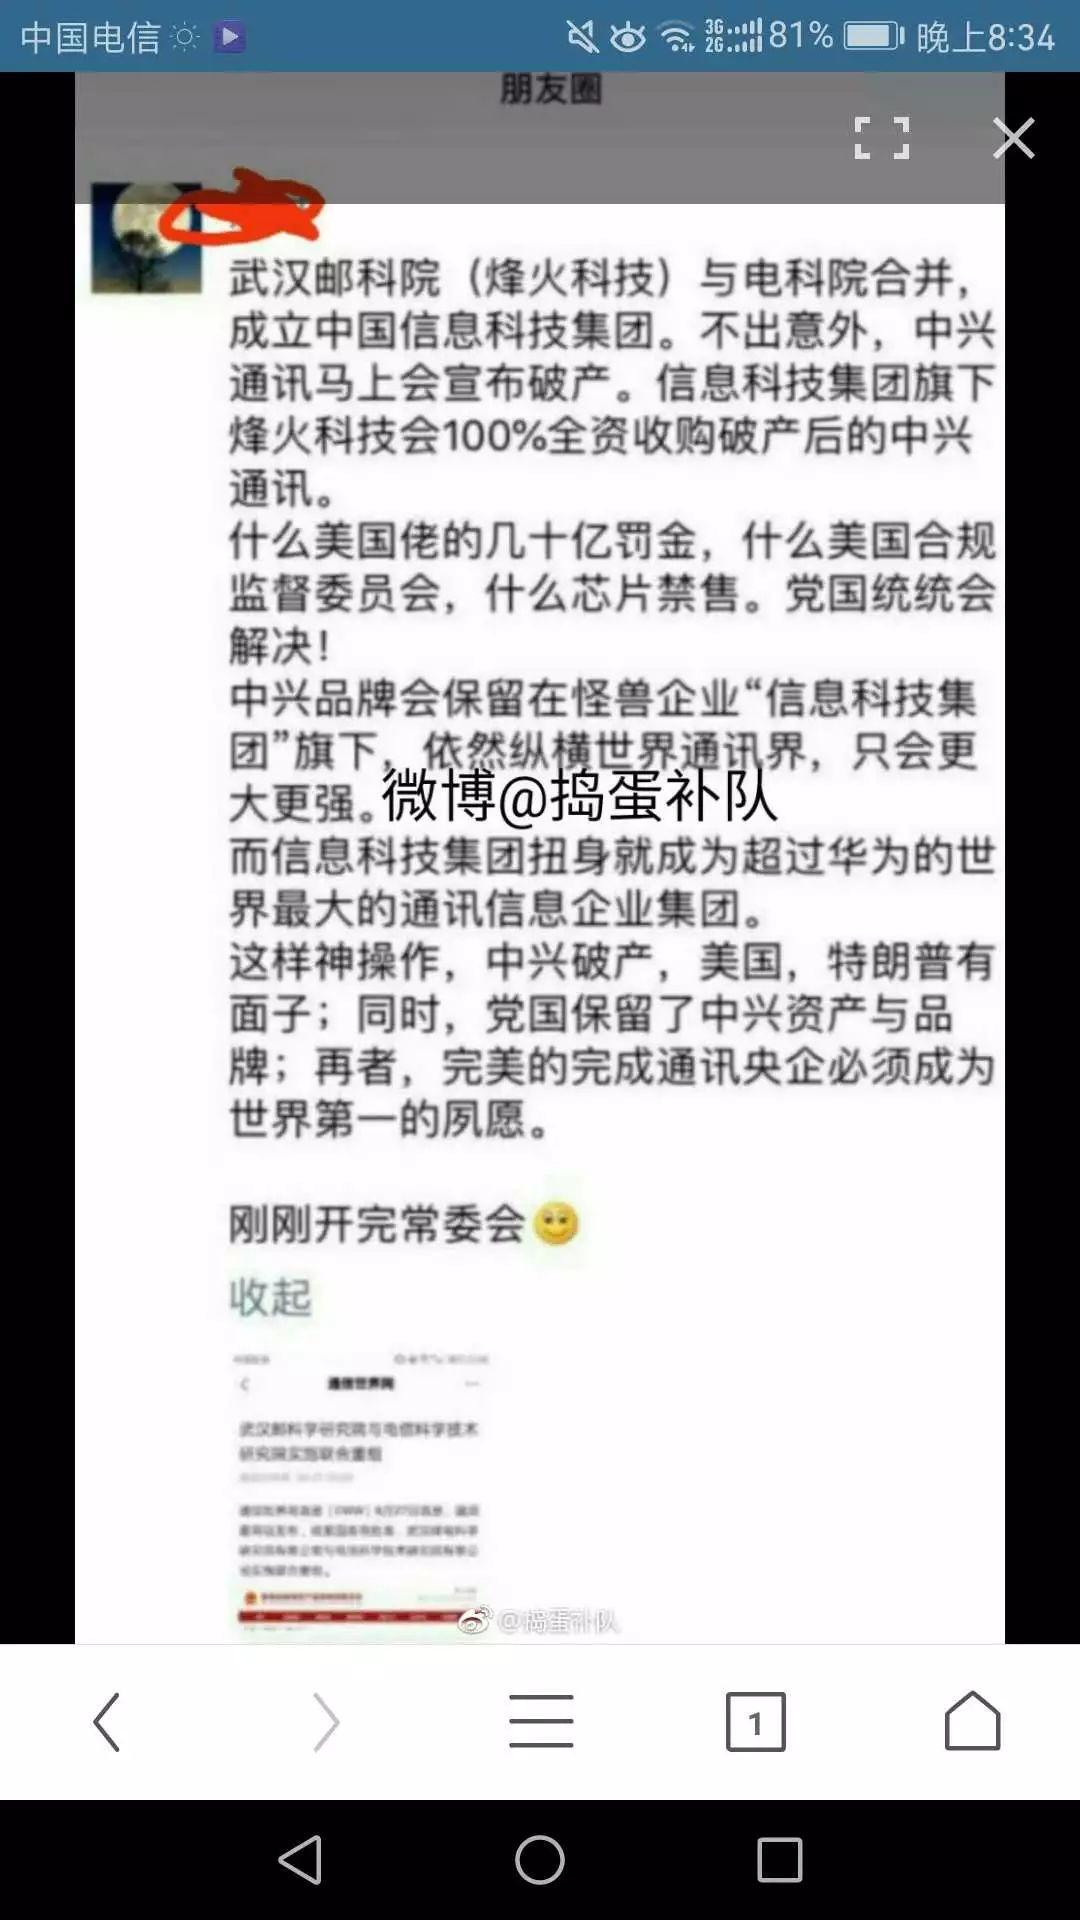 传中兴通讯破产重组 中兴副总裁:谣言止于智者